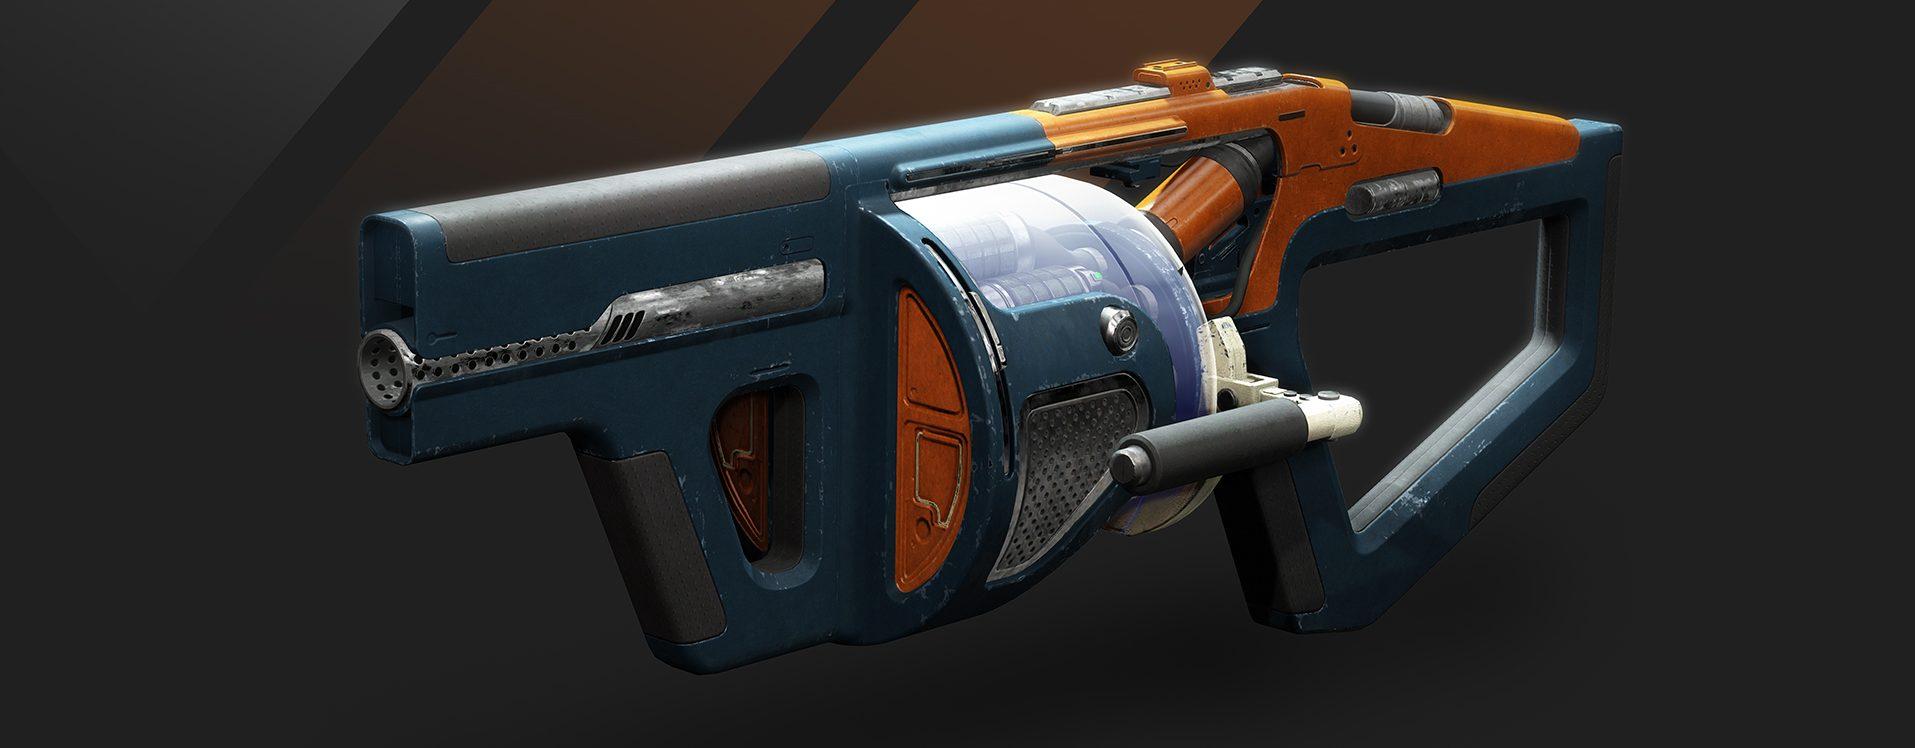 Destiny 2: Lohnt sich der Grind nach den 3 neuen Spitzenwaffen der Season 7?